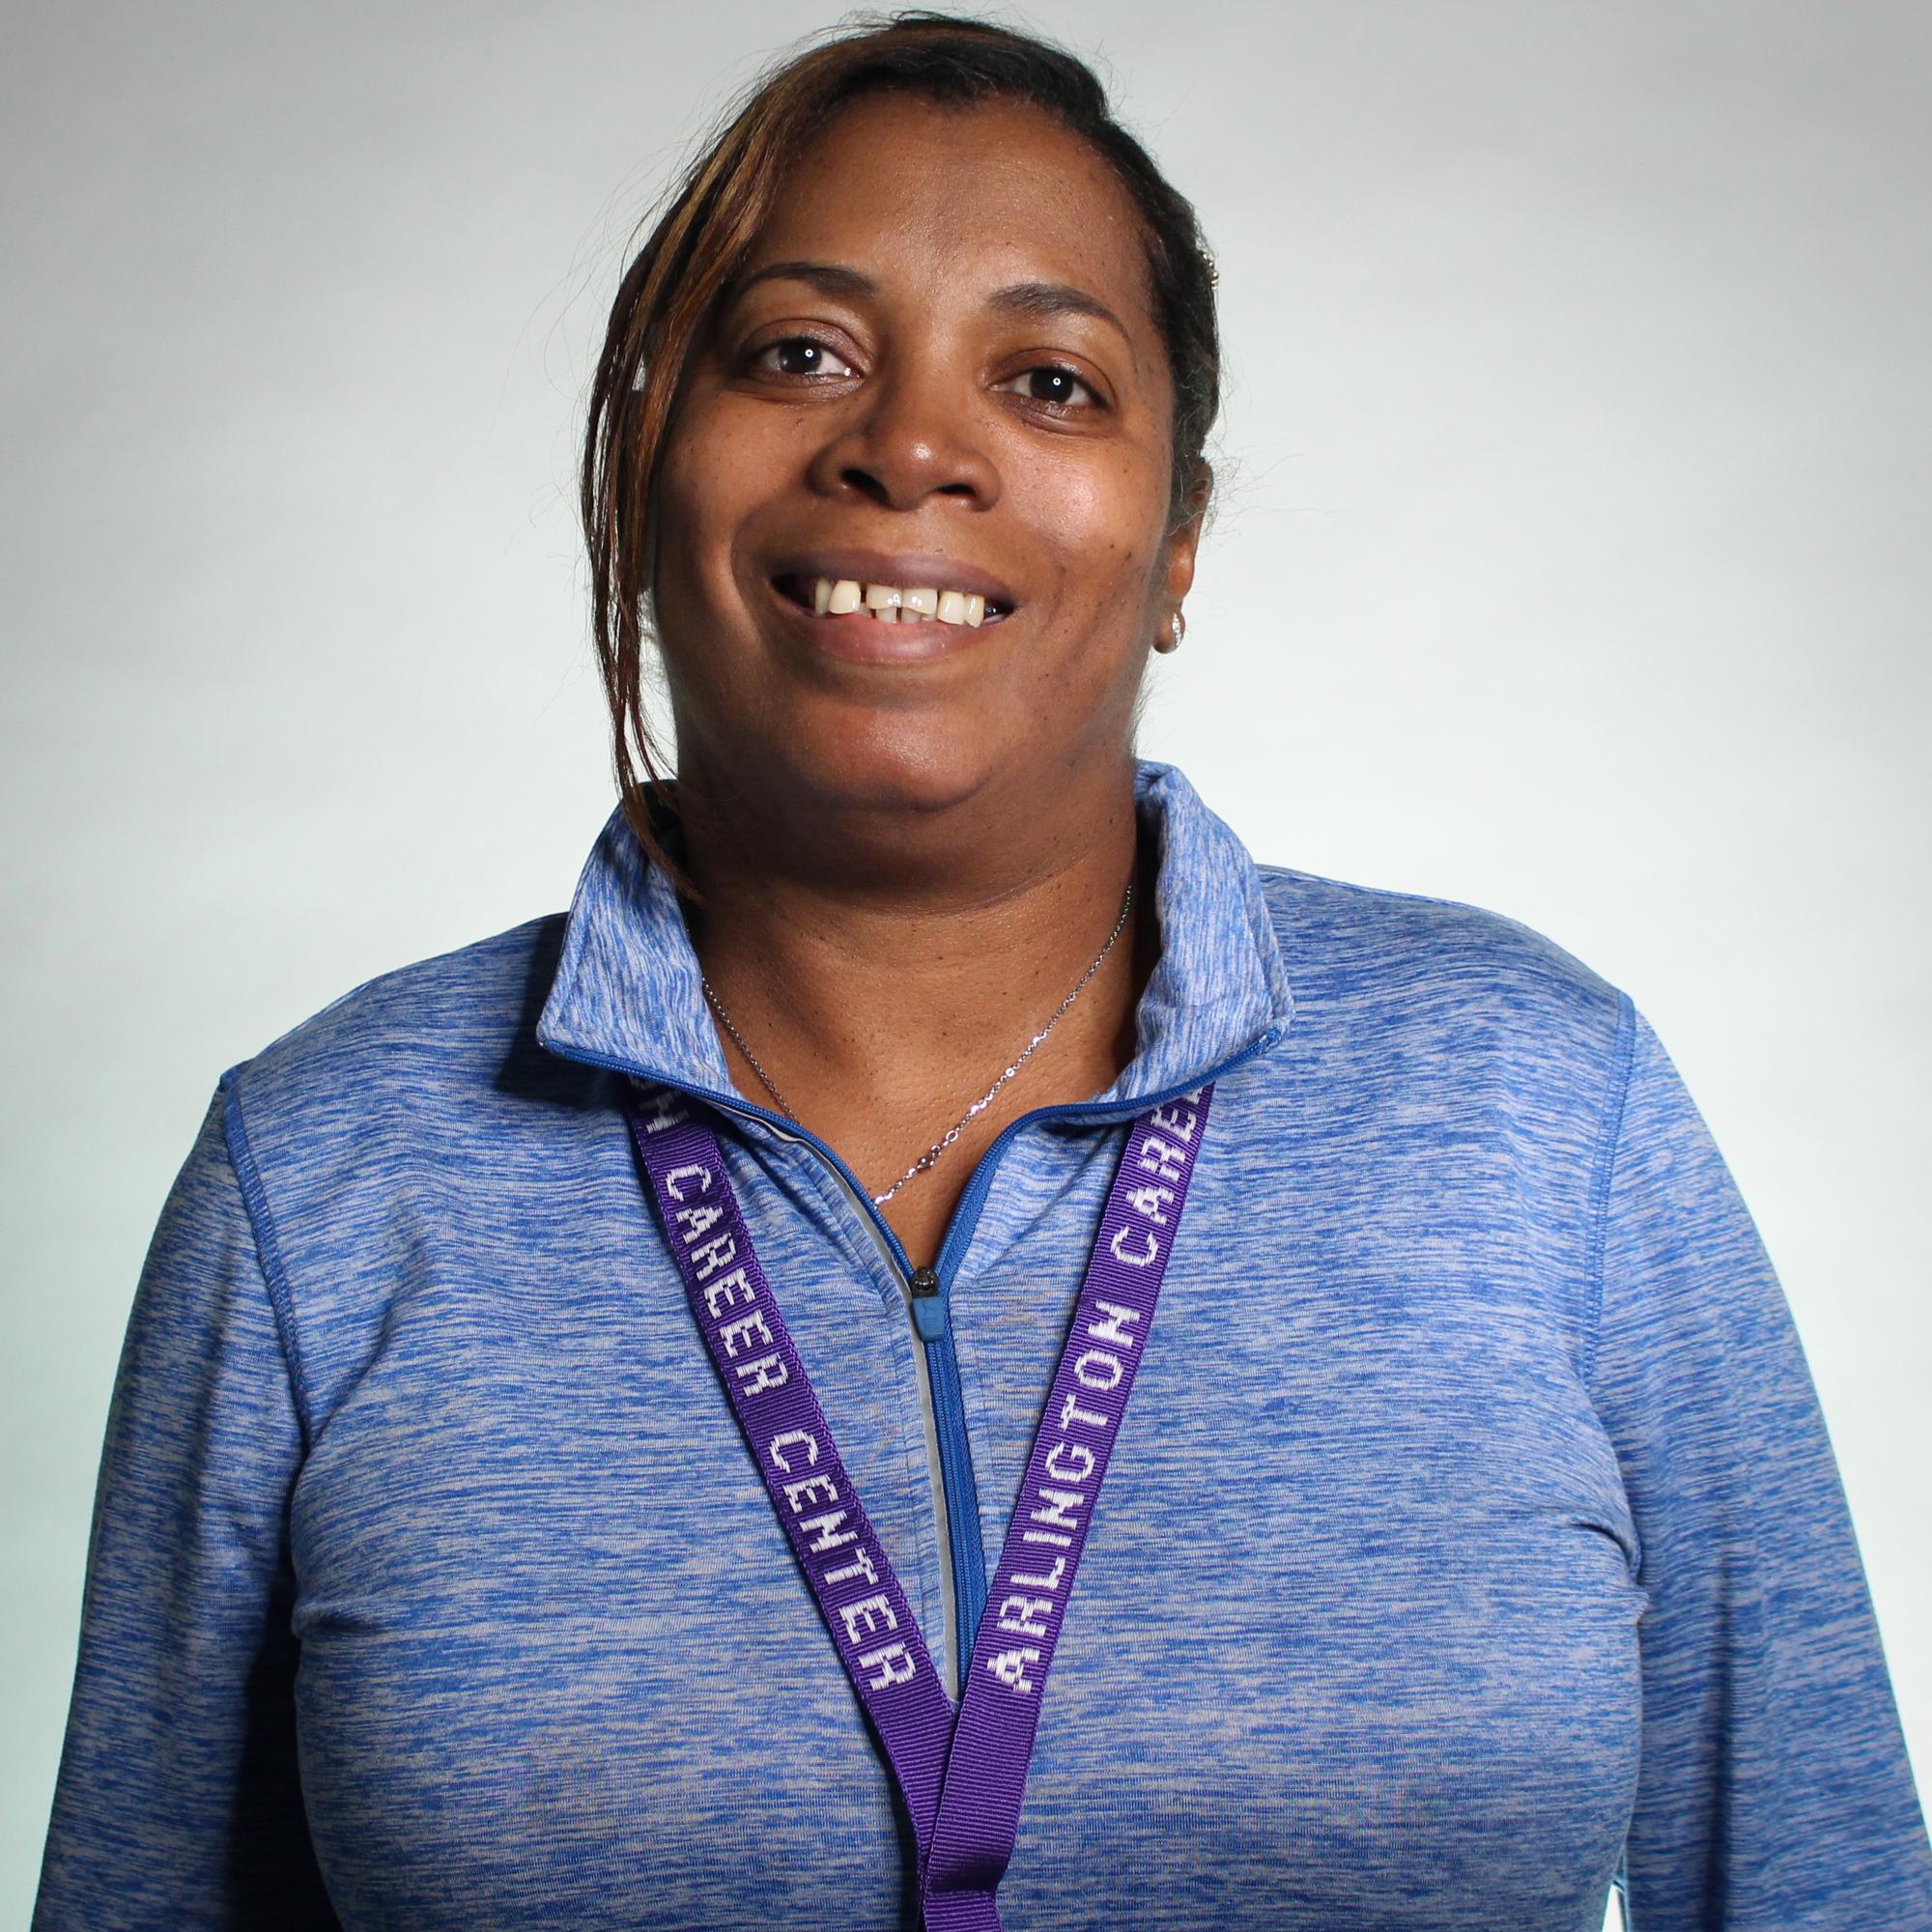 Ms. Odalys Perez